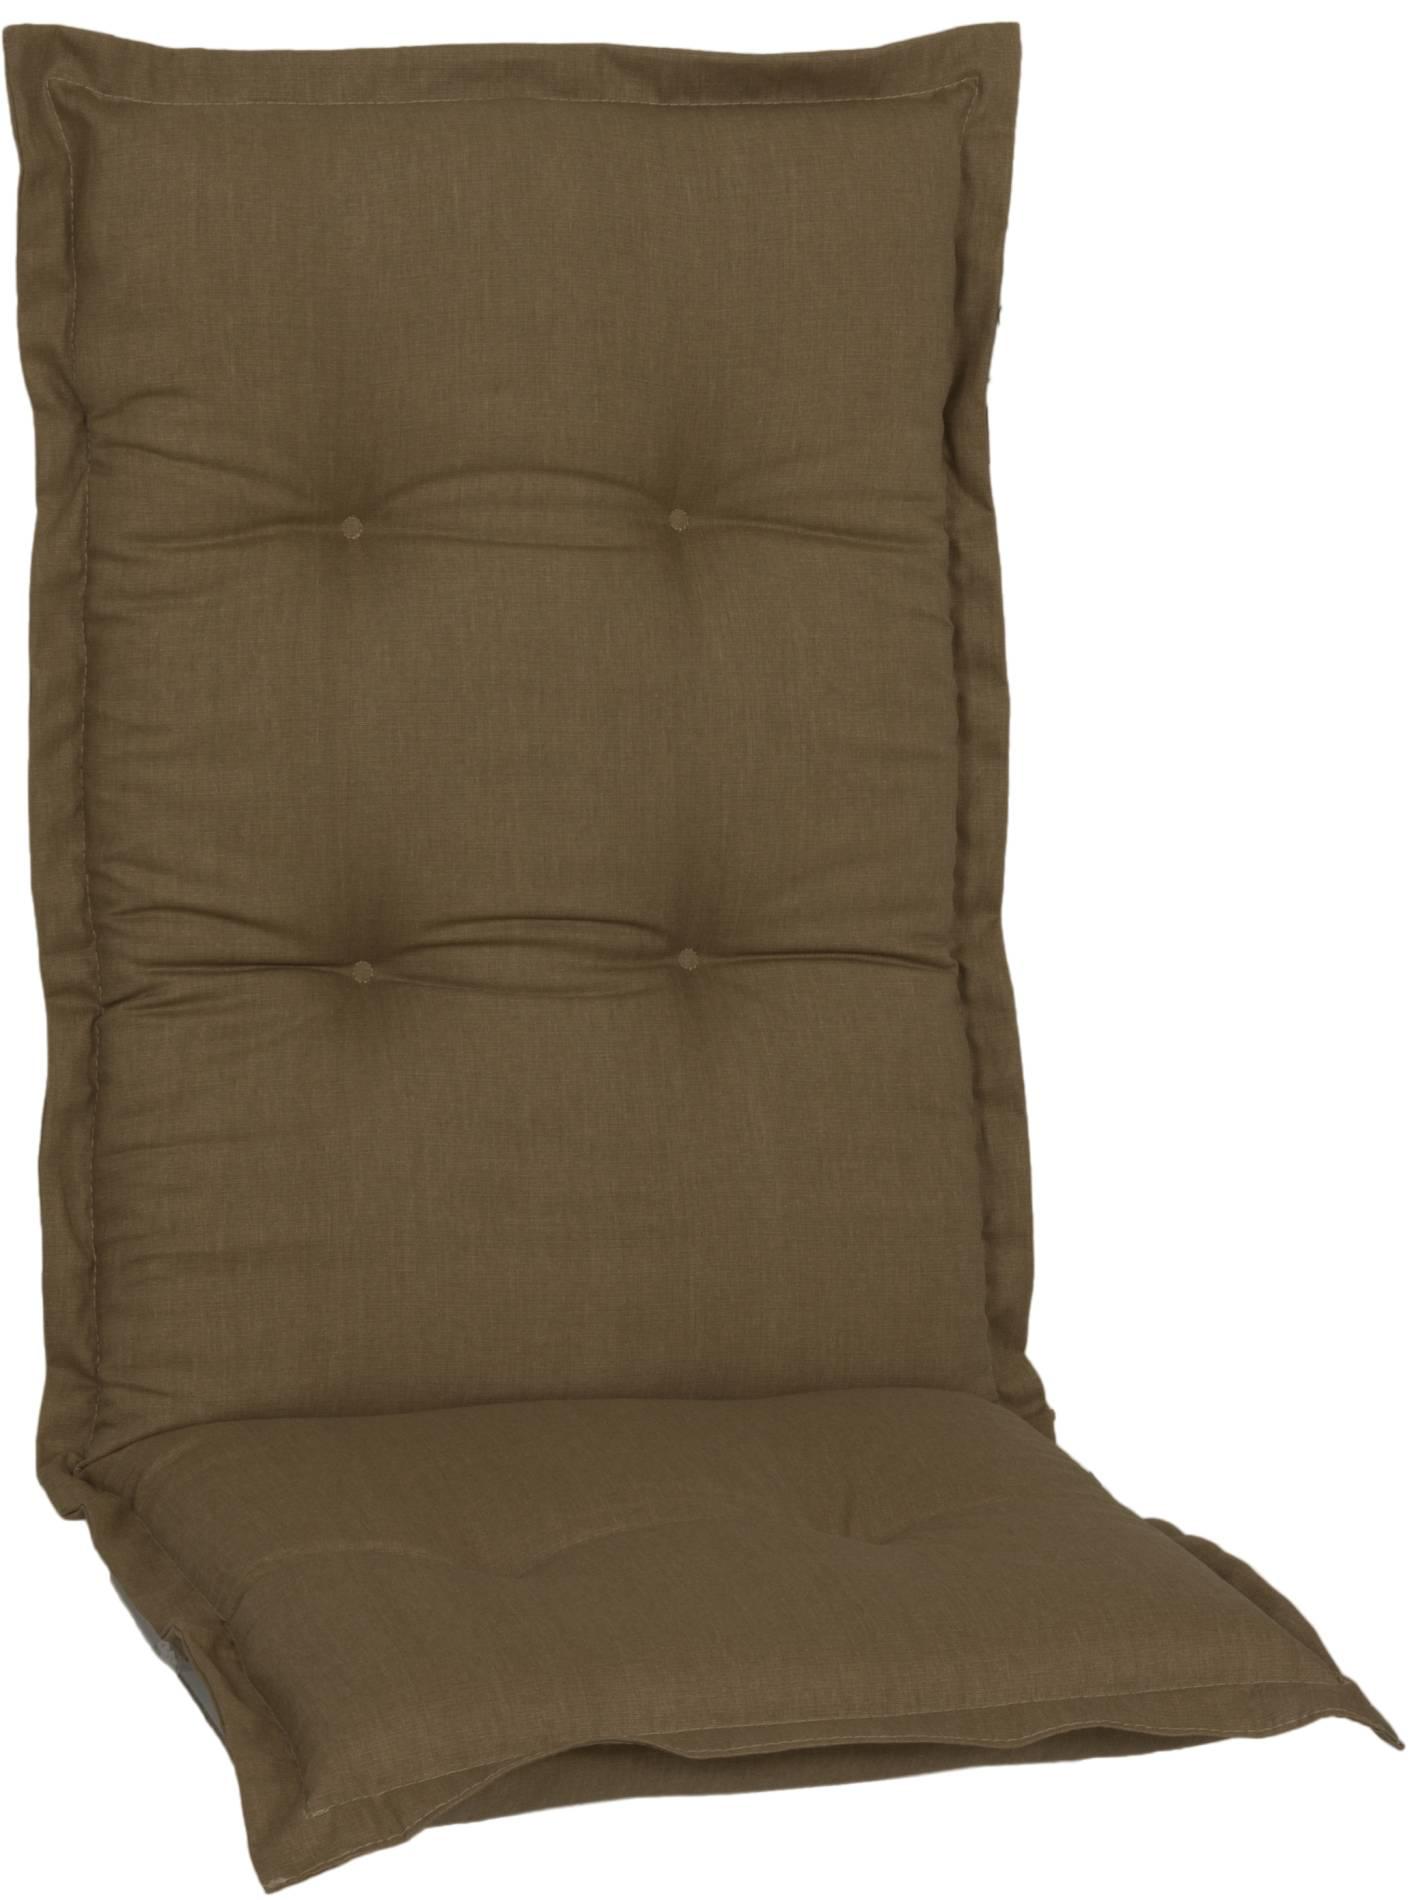 Sitzkissen für Hochlehner in sand premium Qualität mit Punkt Steppung